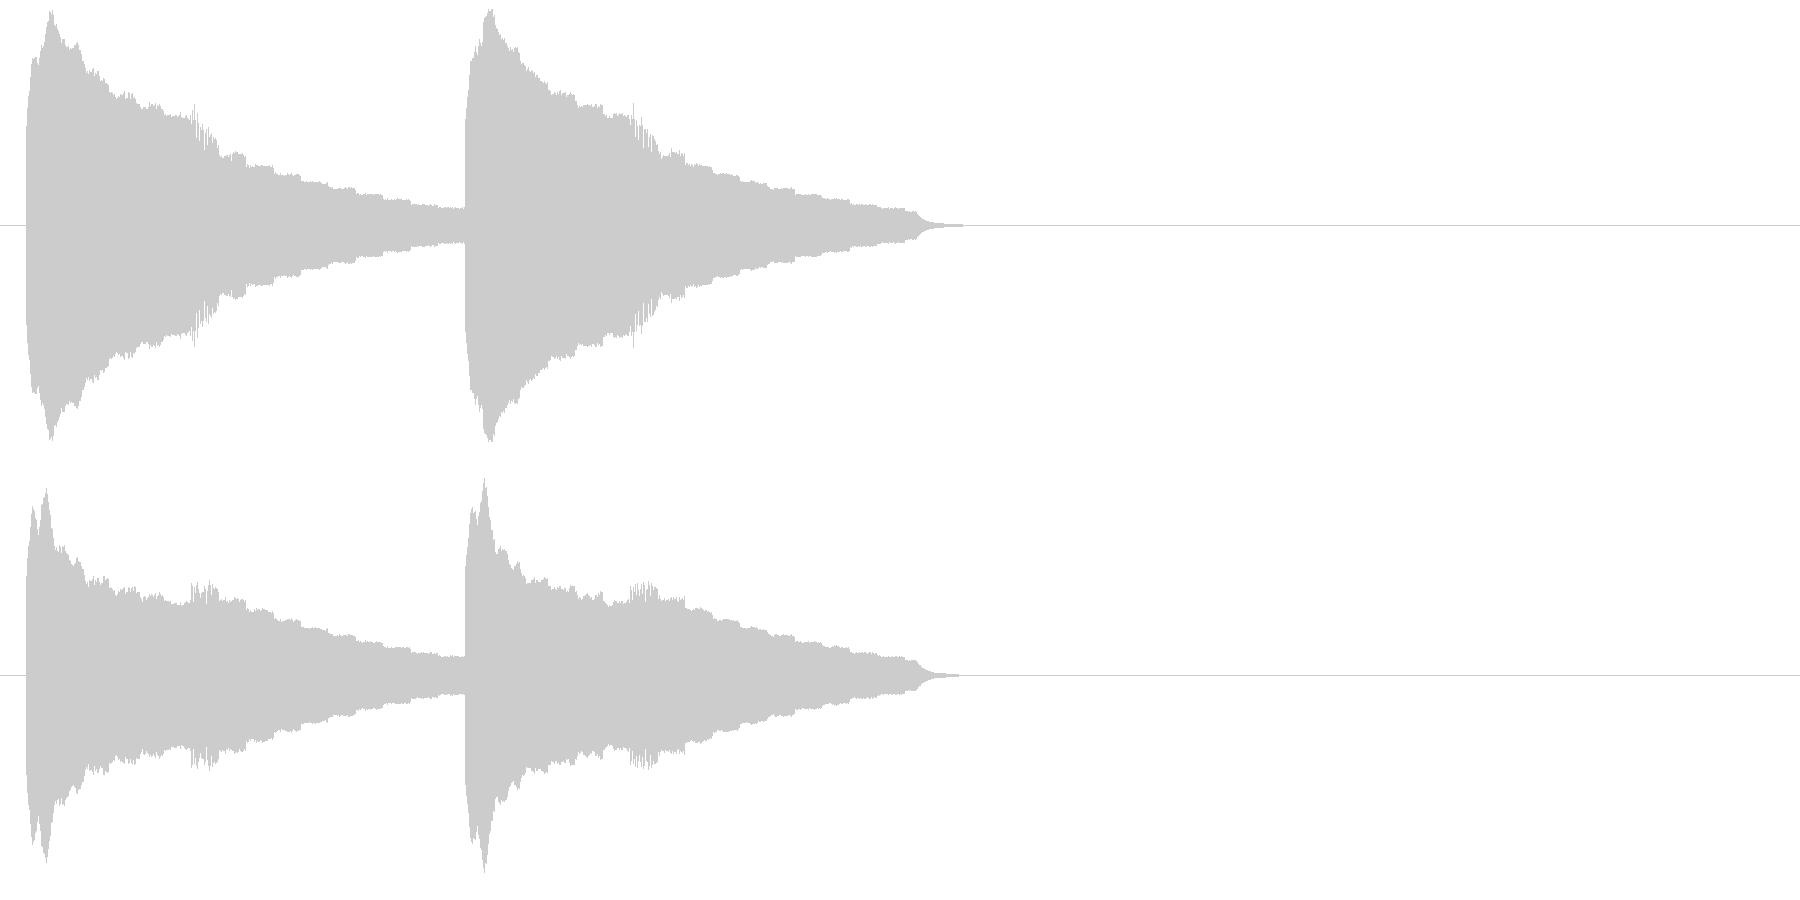 ピンポンピンポン(呼出音)の未再生の波形